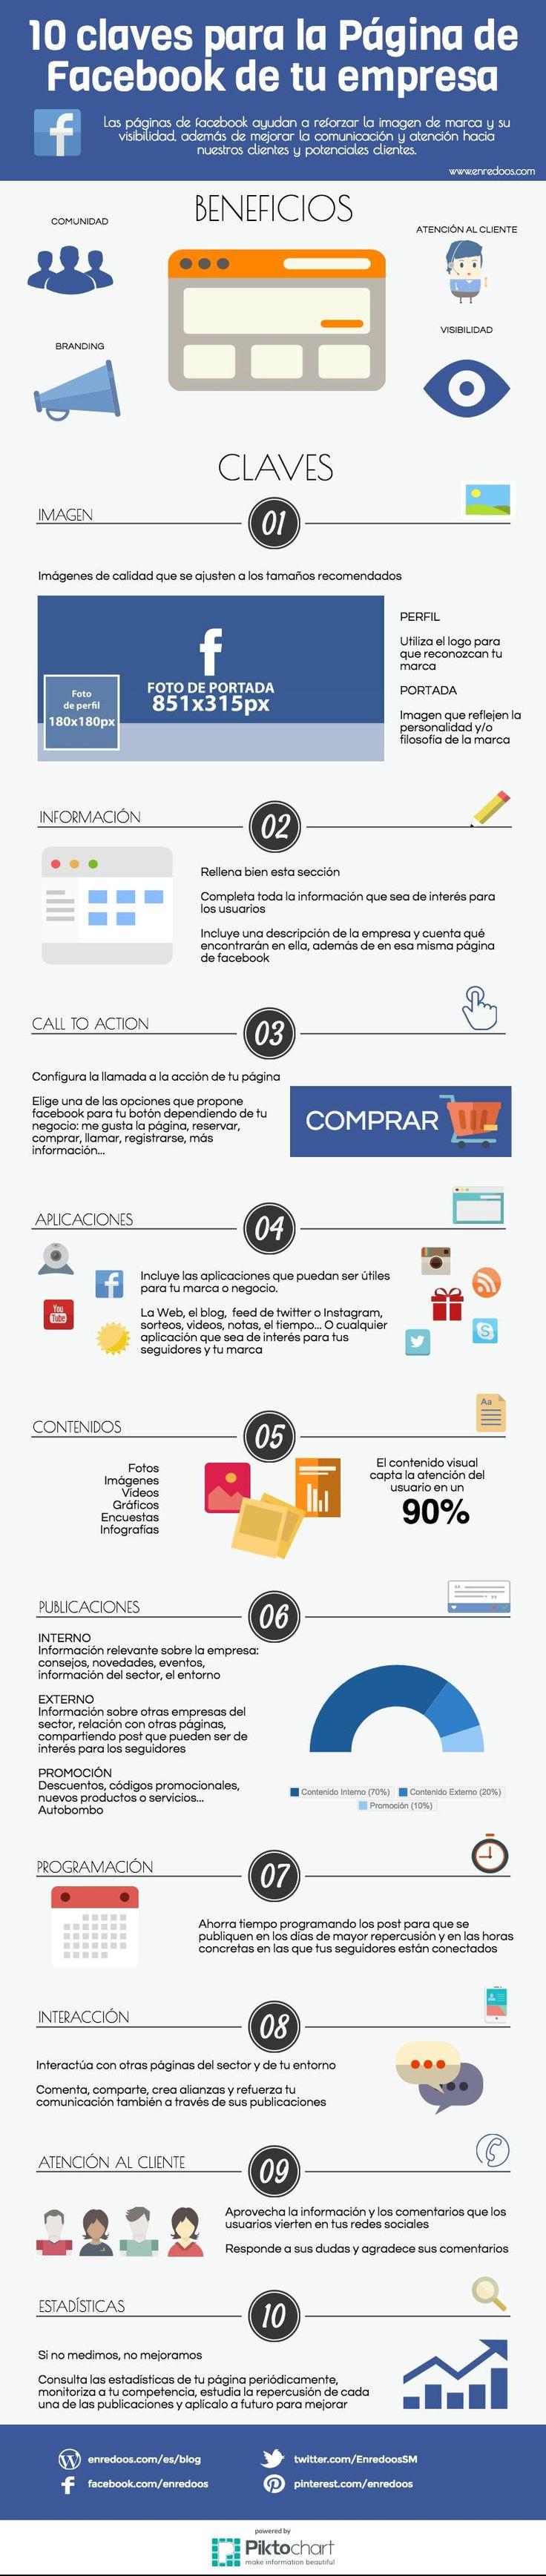 10 claves para la página de Facebook de tu empresa #infografia #infographic #socialmedia | TICs y Formación